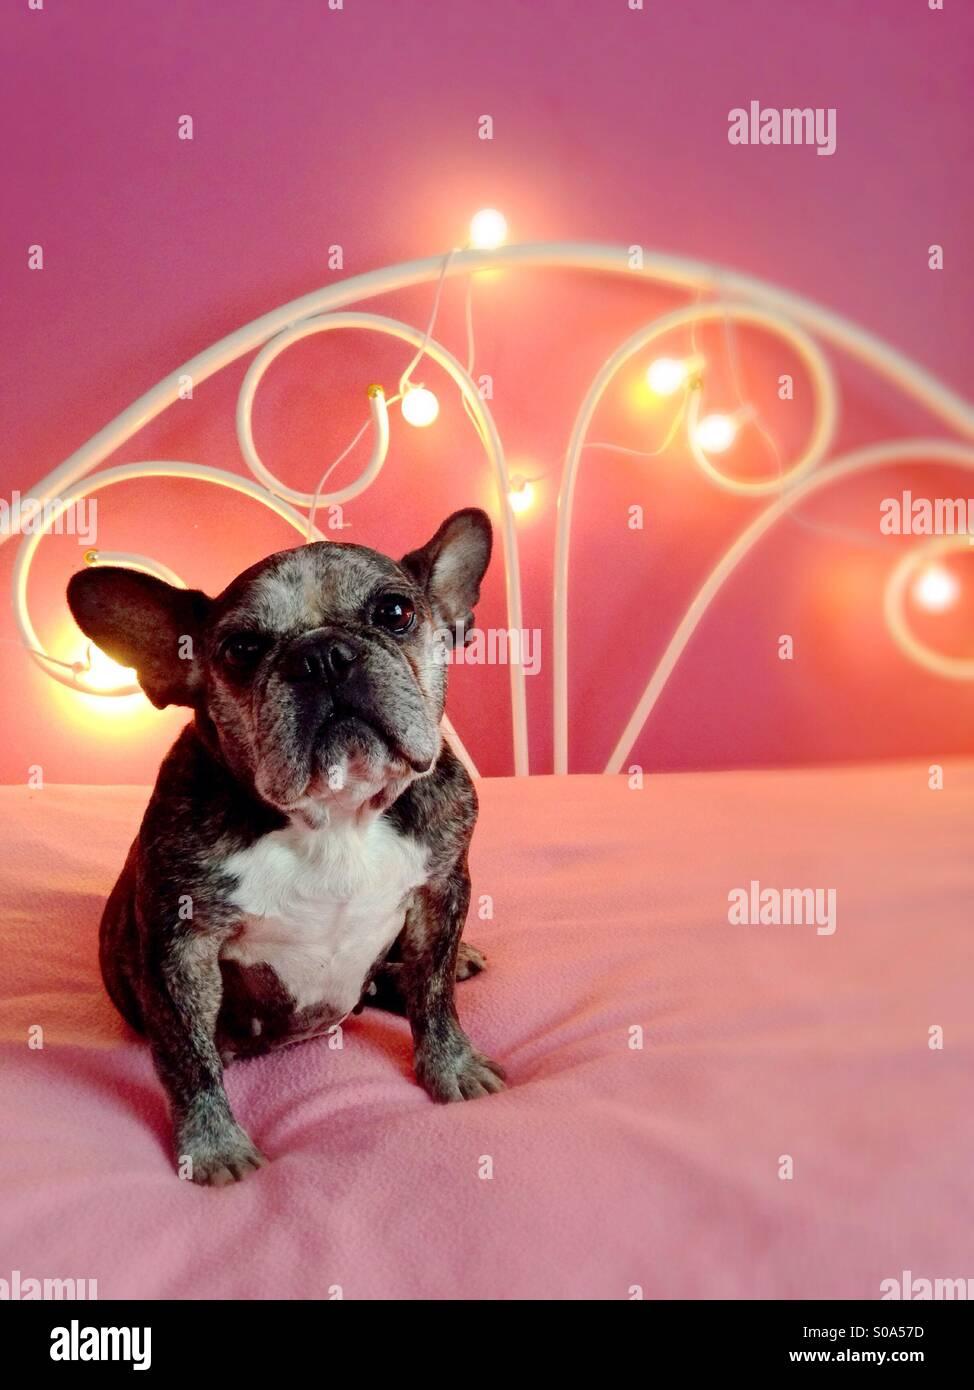 Eine nette alte französische Bulldogge sitzt auf einem rosa Bett. Stockbild